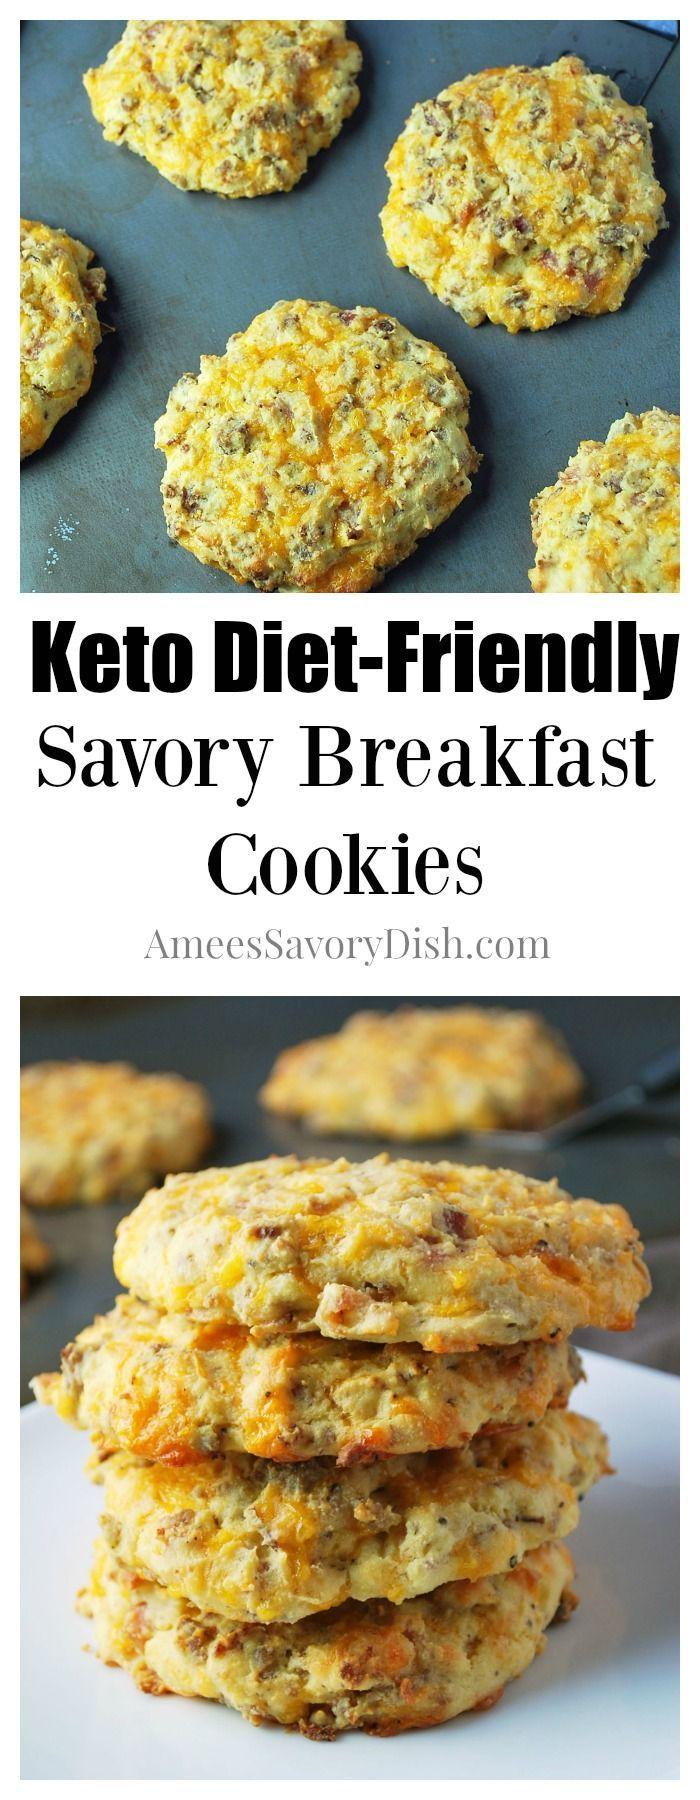 Keto Diet-Friendly Savory Breakfast Cookies